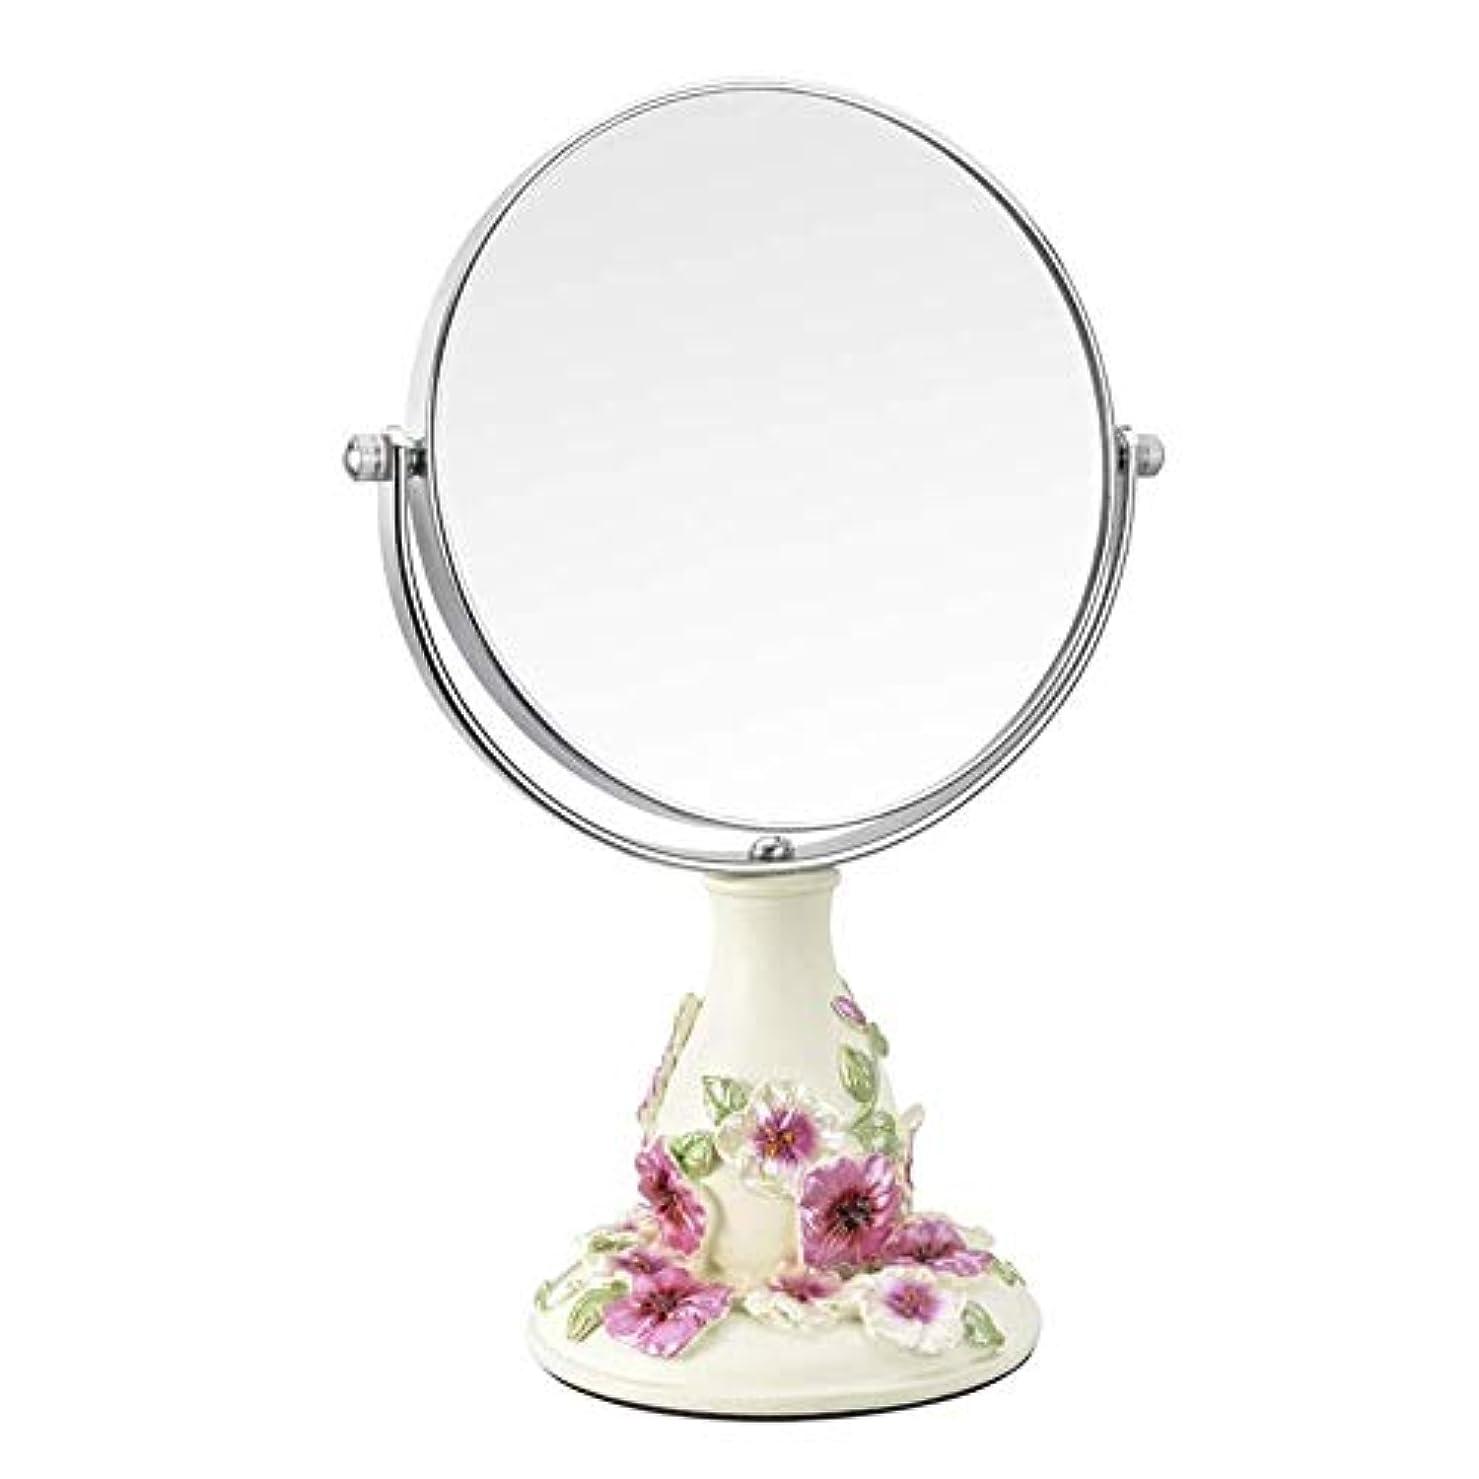 無ストライド数学者流行の ビンテージ化粧鏡、鏡360°回転スタンド、1倍と3倍の倍率、ラウンドダブル両面回転化粧鏡